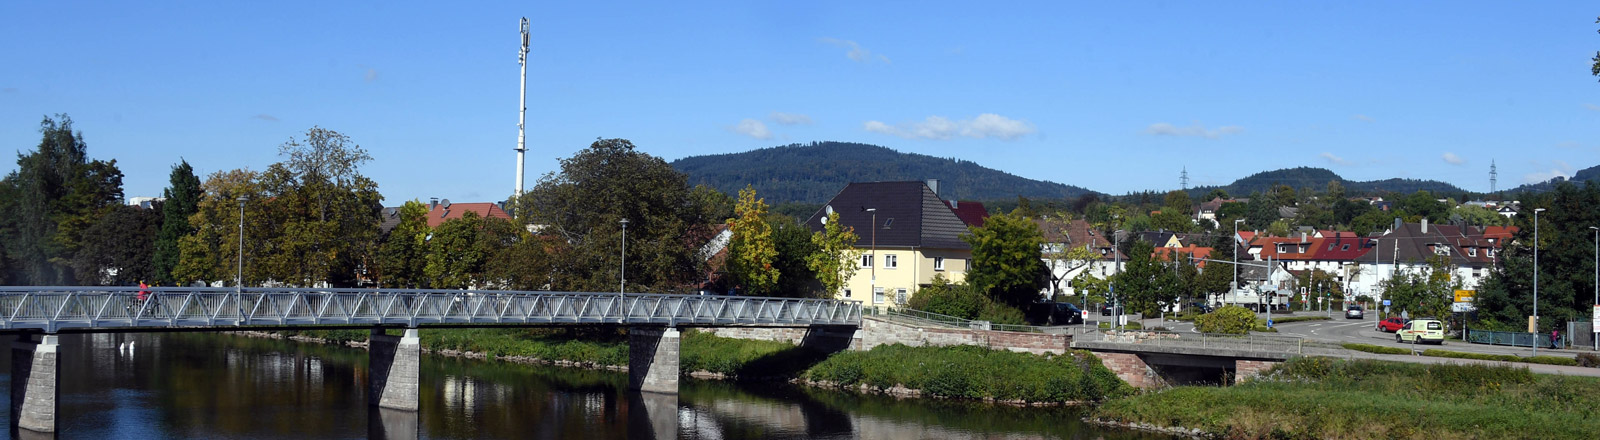 Blick auf die Stadt Gaggenau